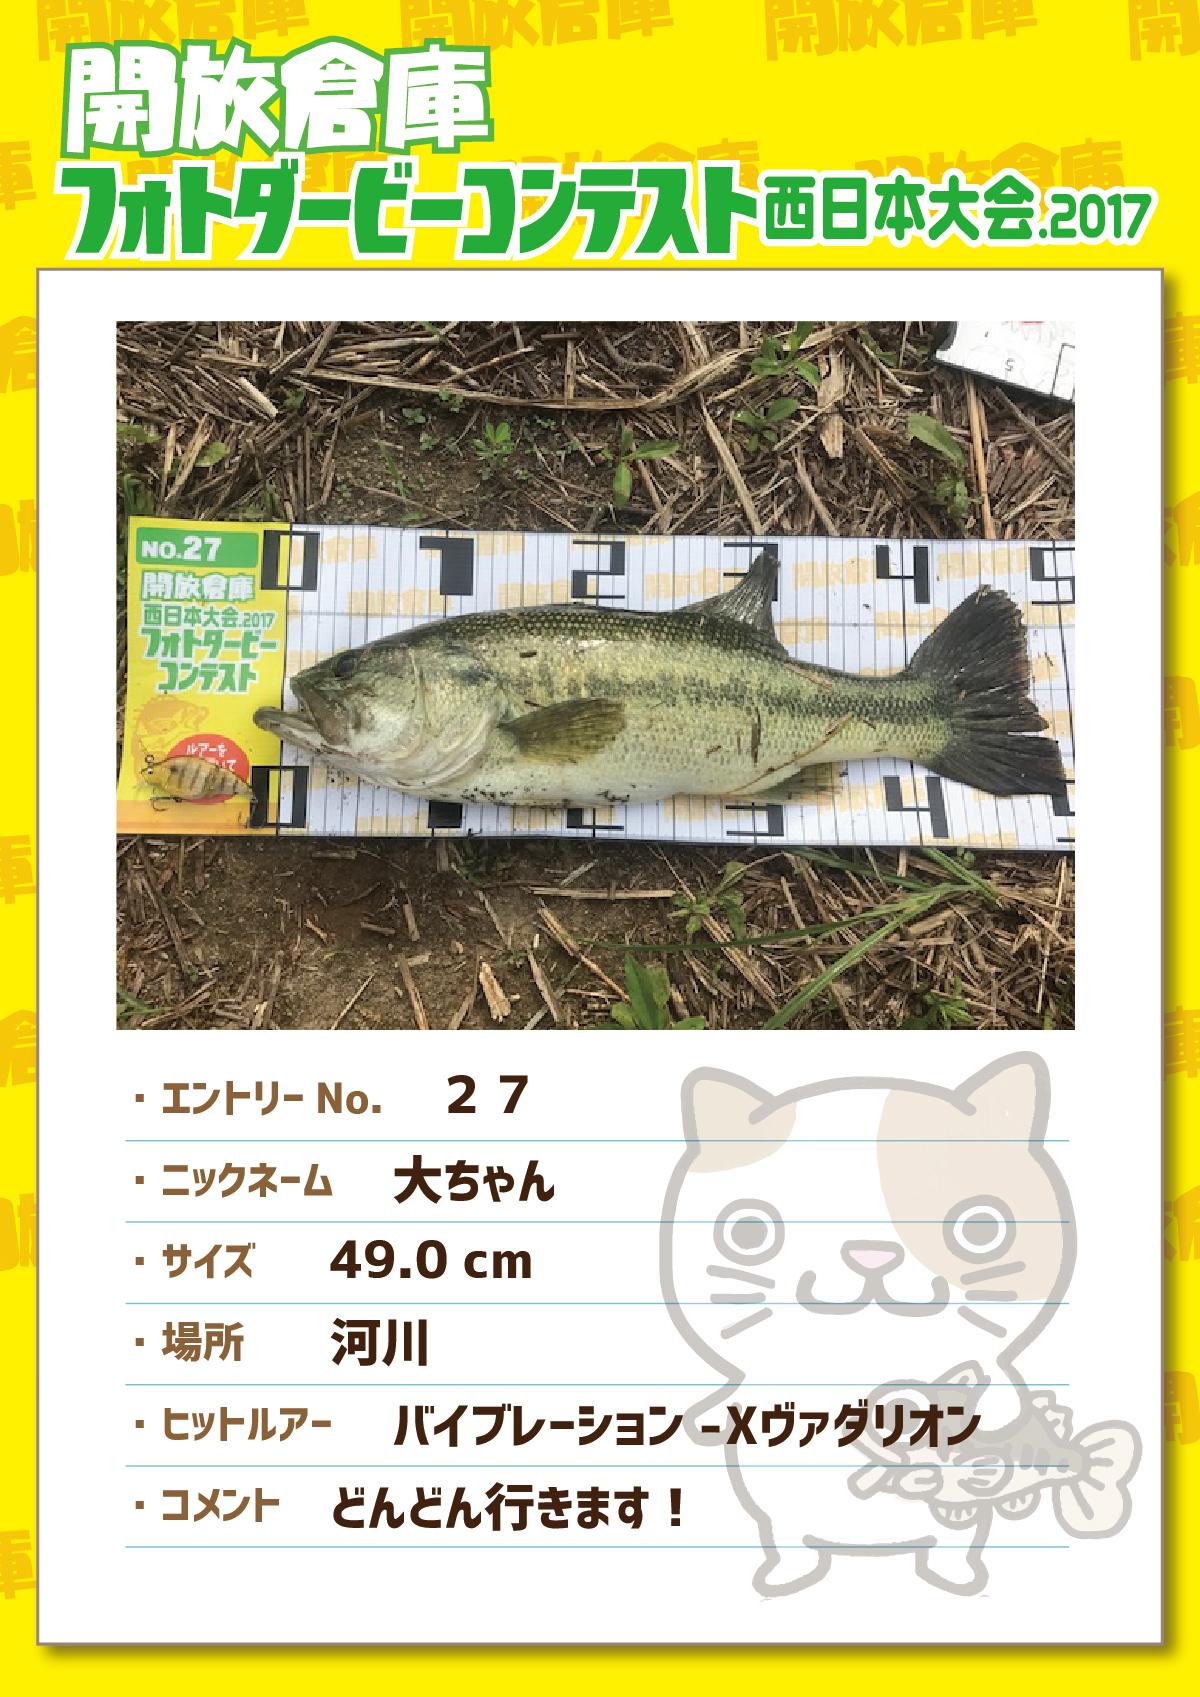 No.27 大ちゃん 49.0cm 河川 バイブレーション-Xヴァダリオン どんどん行きます!